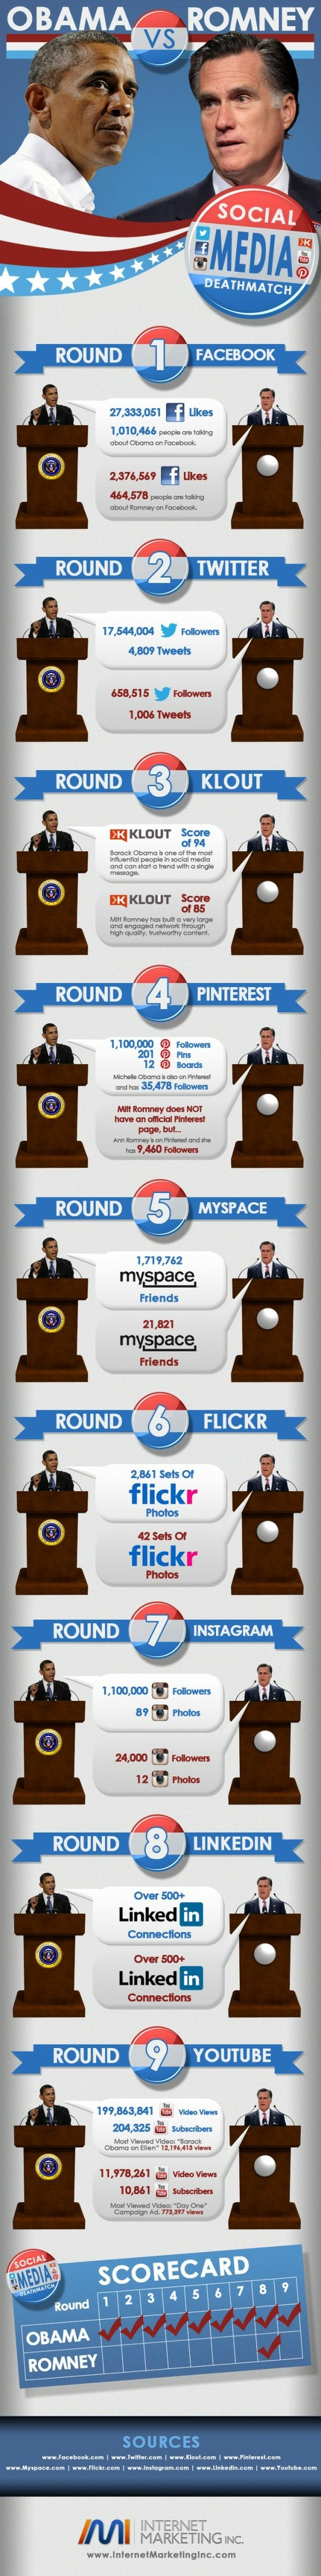 Comparativa de Obama y Romney en su estrategia electoral realizada en medios sociales.